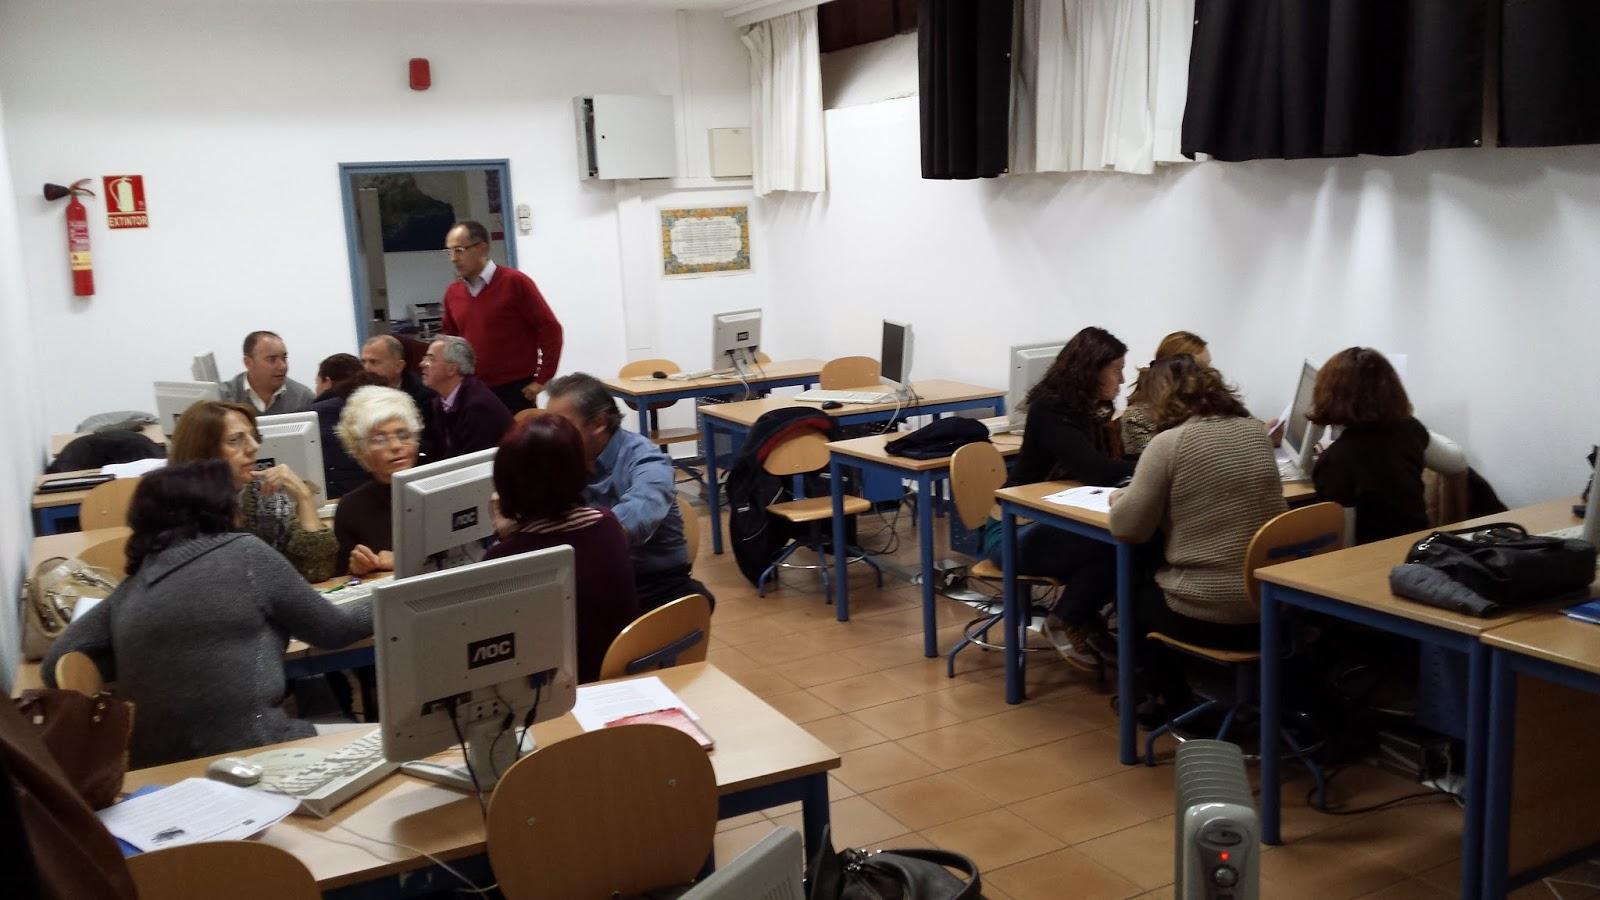 Cultura emprendedora en ceper antequera noviembre 2013 - Muebles sanchez antequera ...